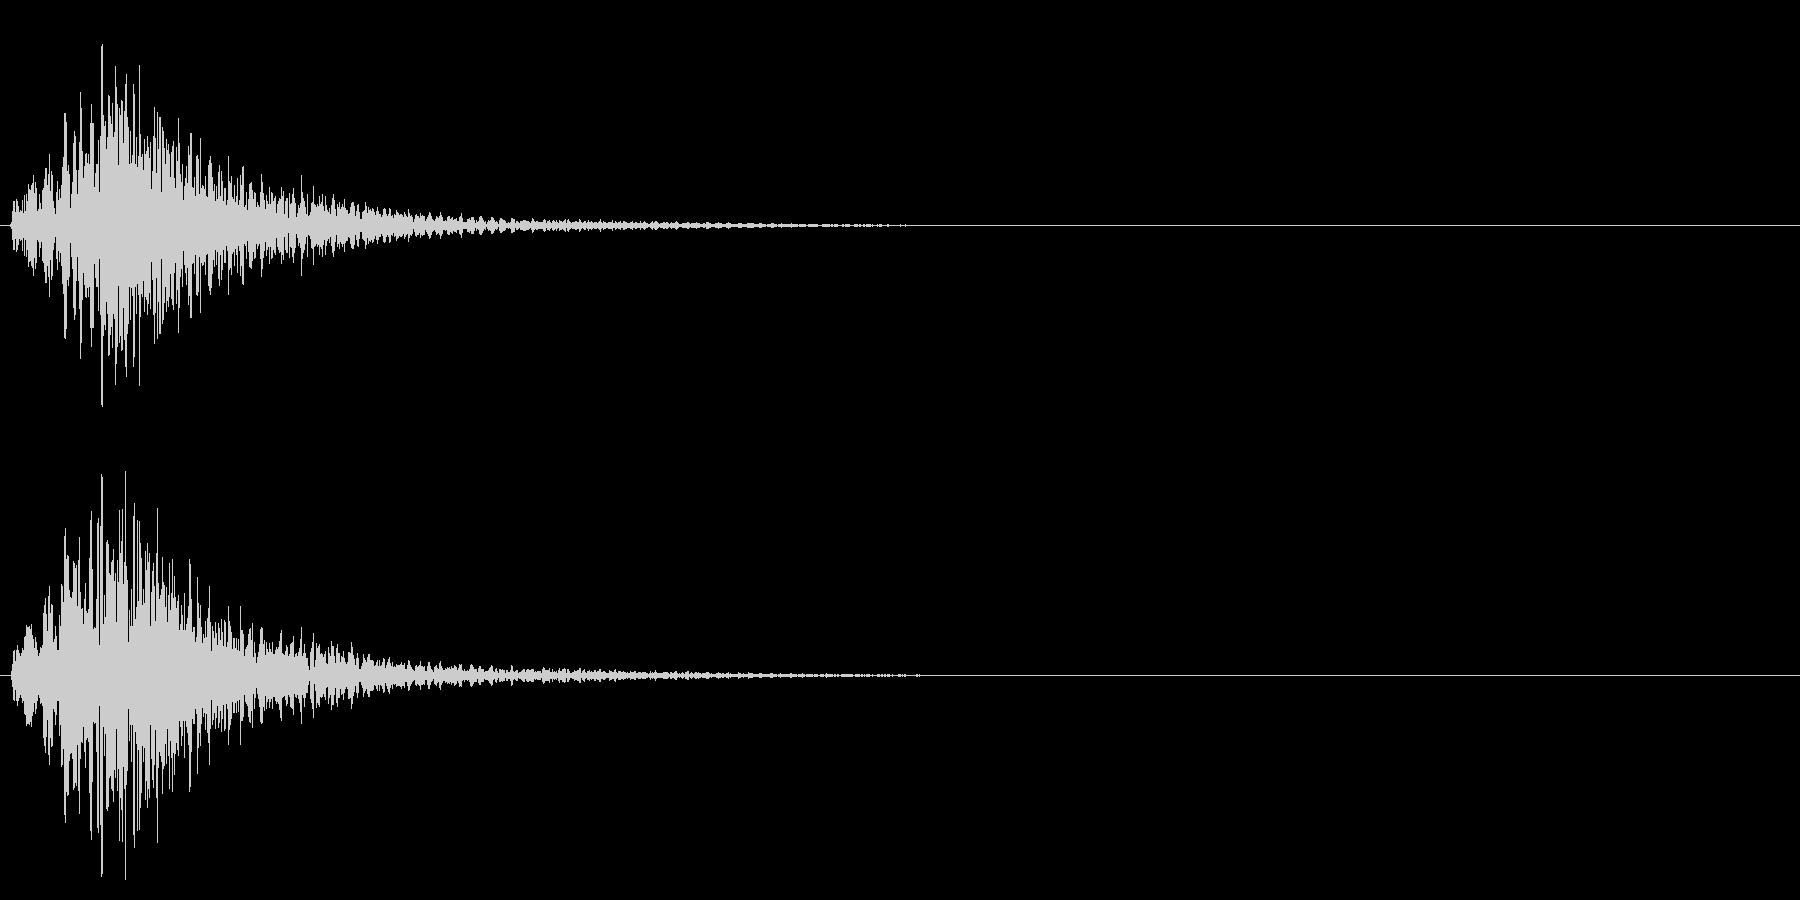 ハープのグリッサンド 低音域バージョンの未再生の波形